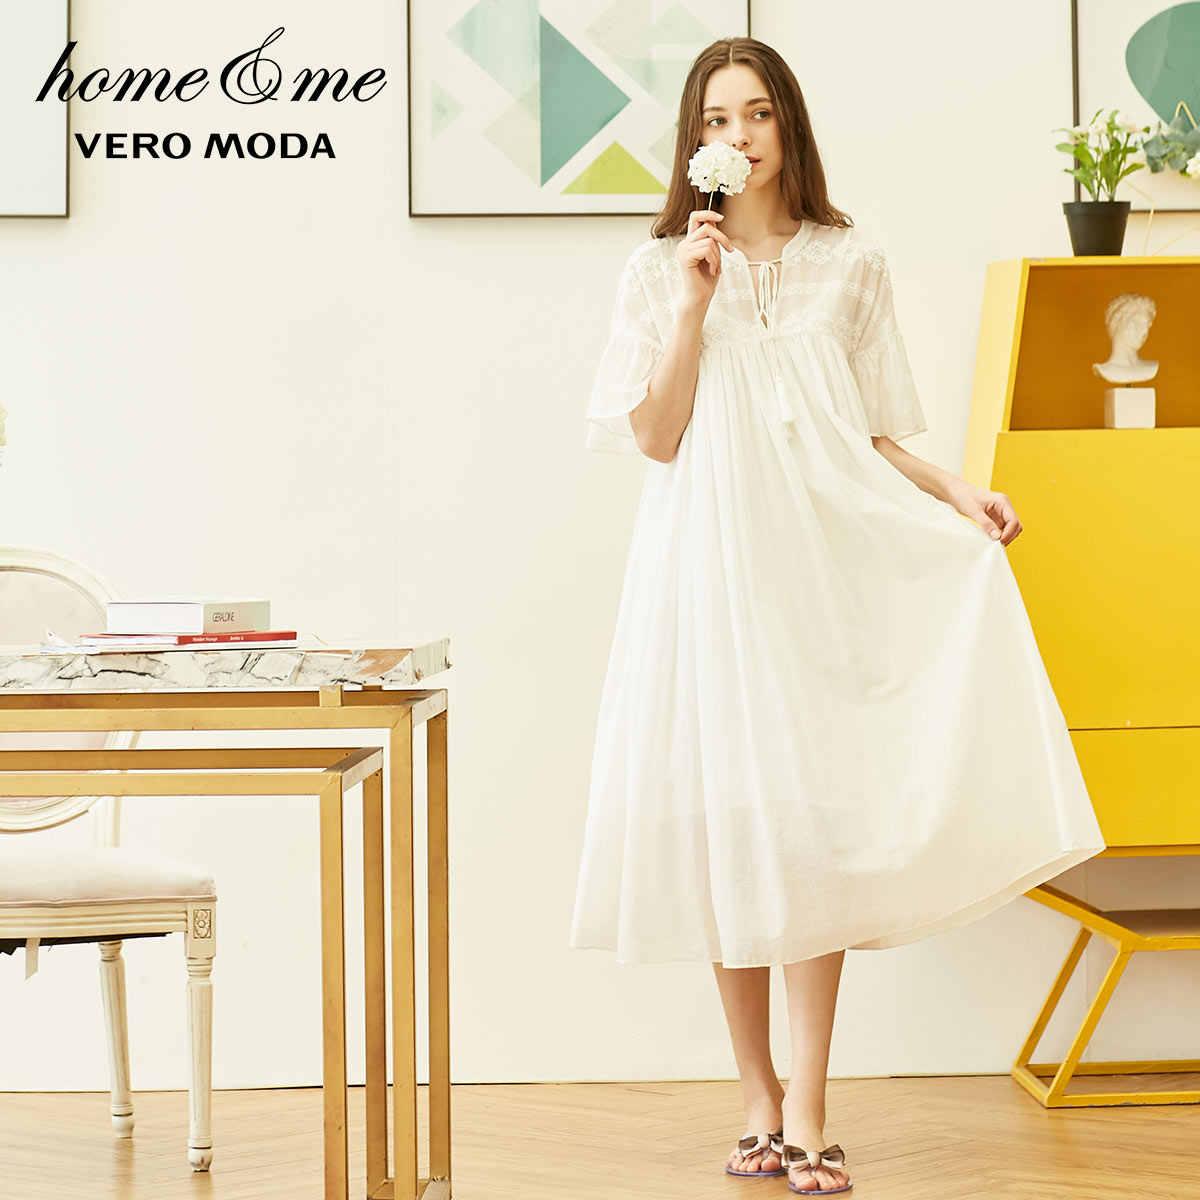 Vero Moda 2019 Новое Женское Королевское Платье с вышивкой в национальном стиле с расклешенными рукавами удобное домашнее платье   31917B508